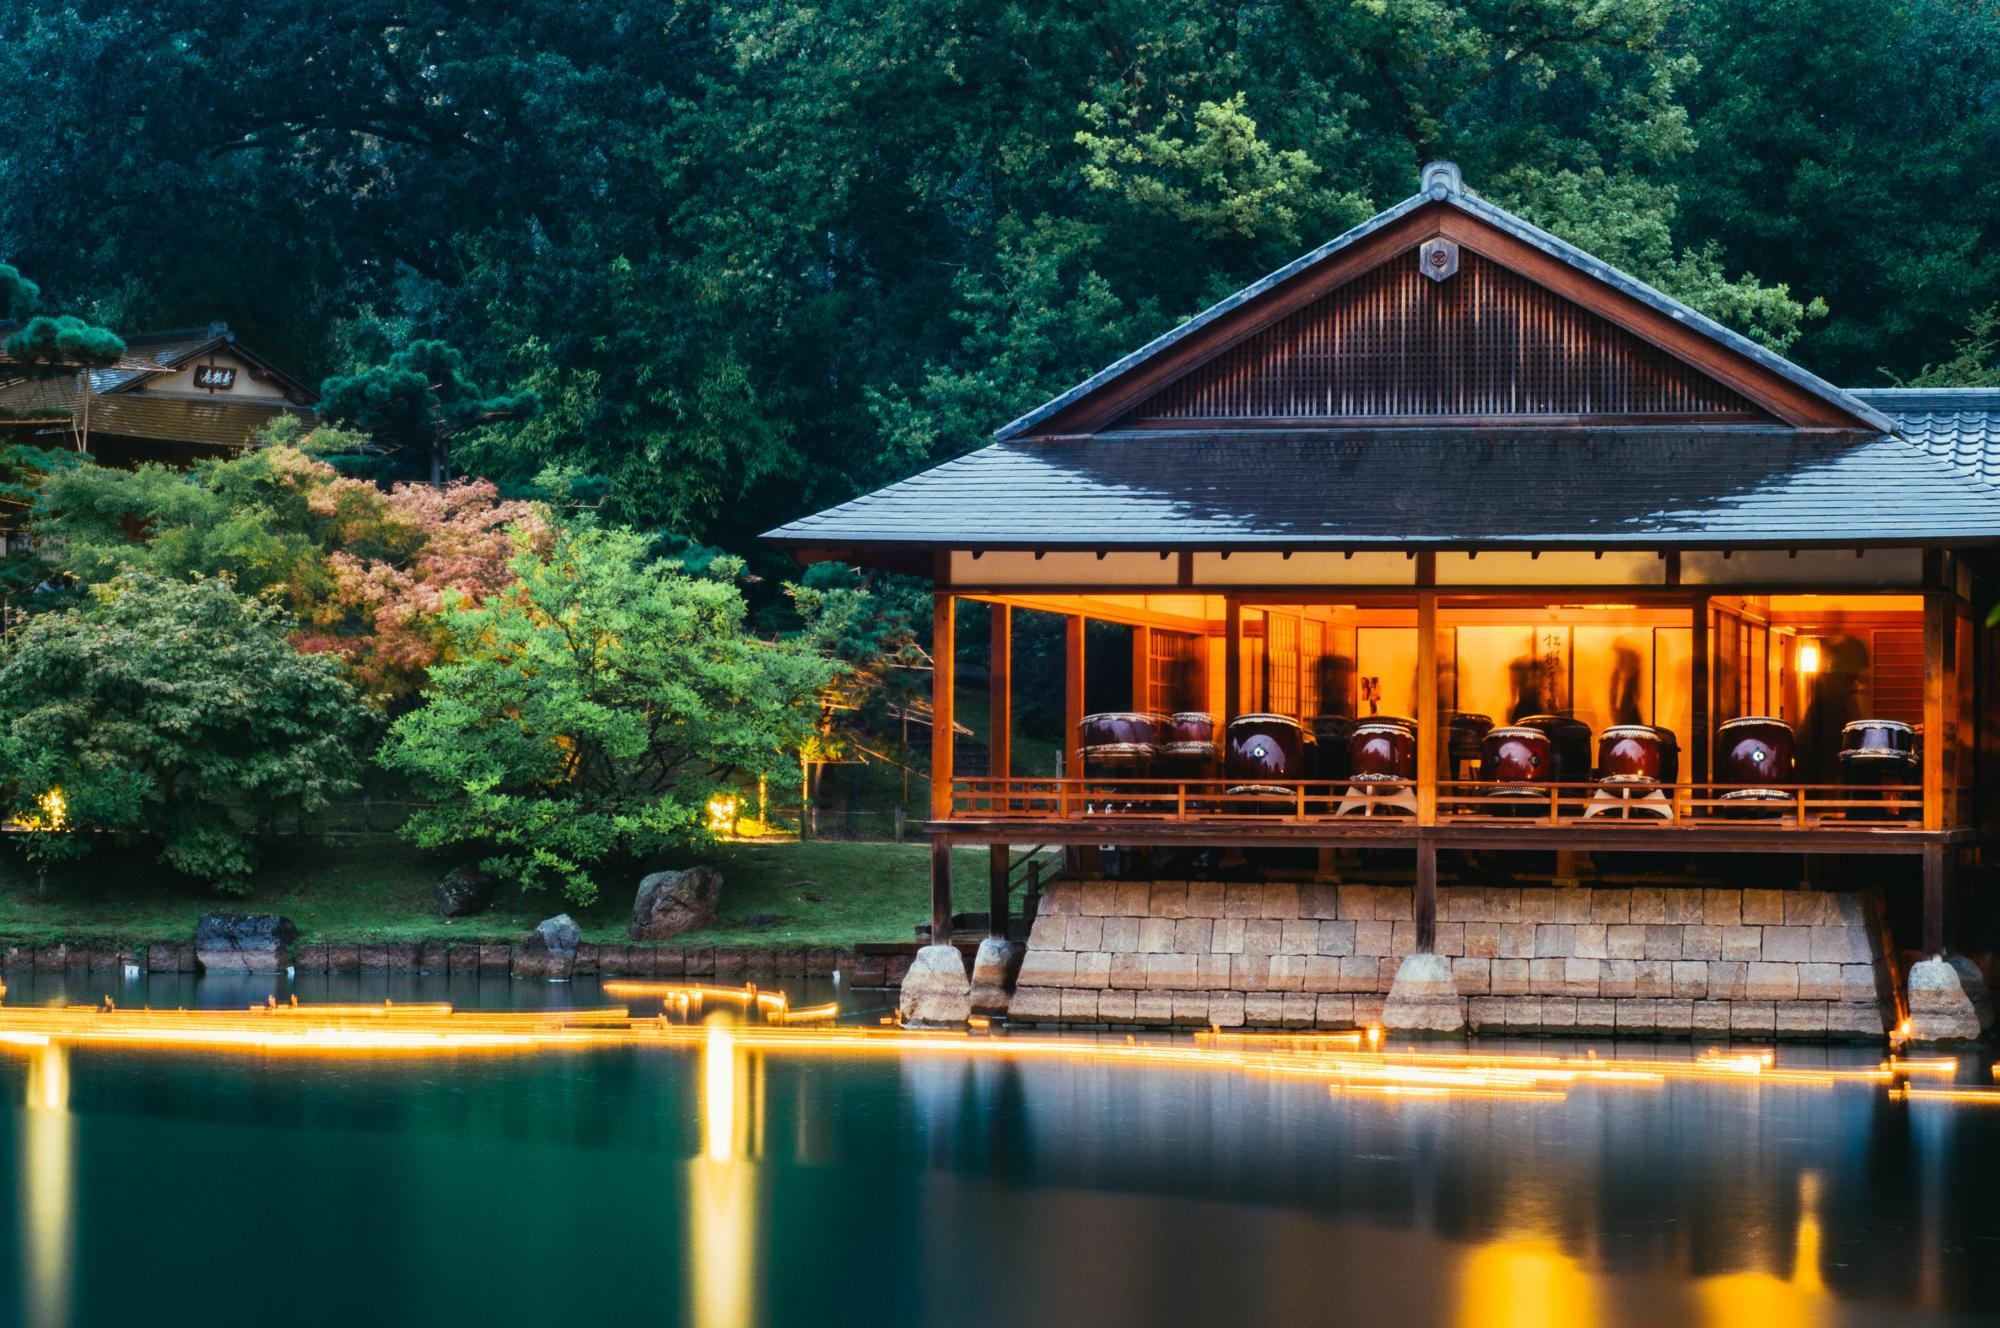 Le Plus Grand Jardin Japonais D Europe Visit Hasselt